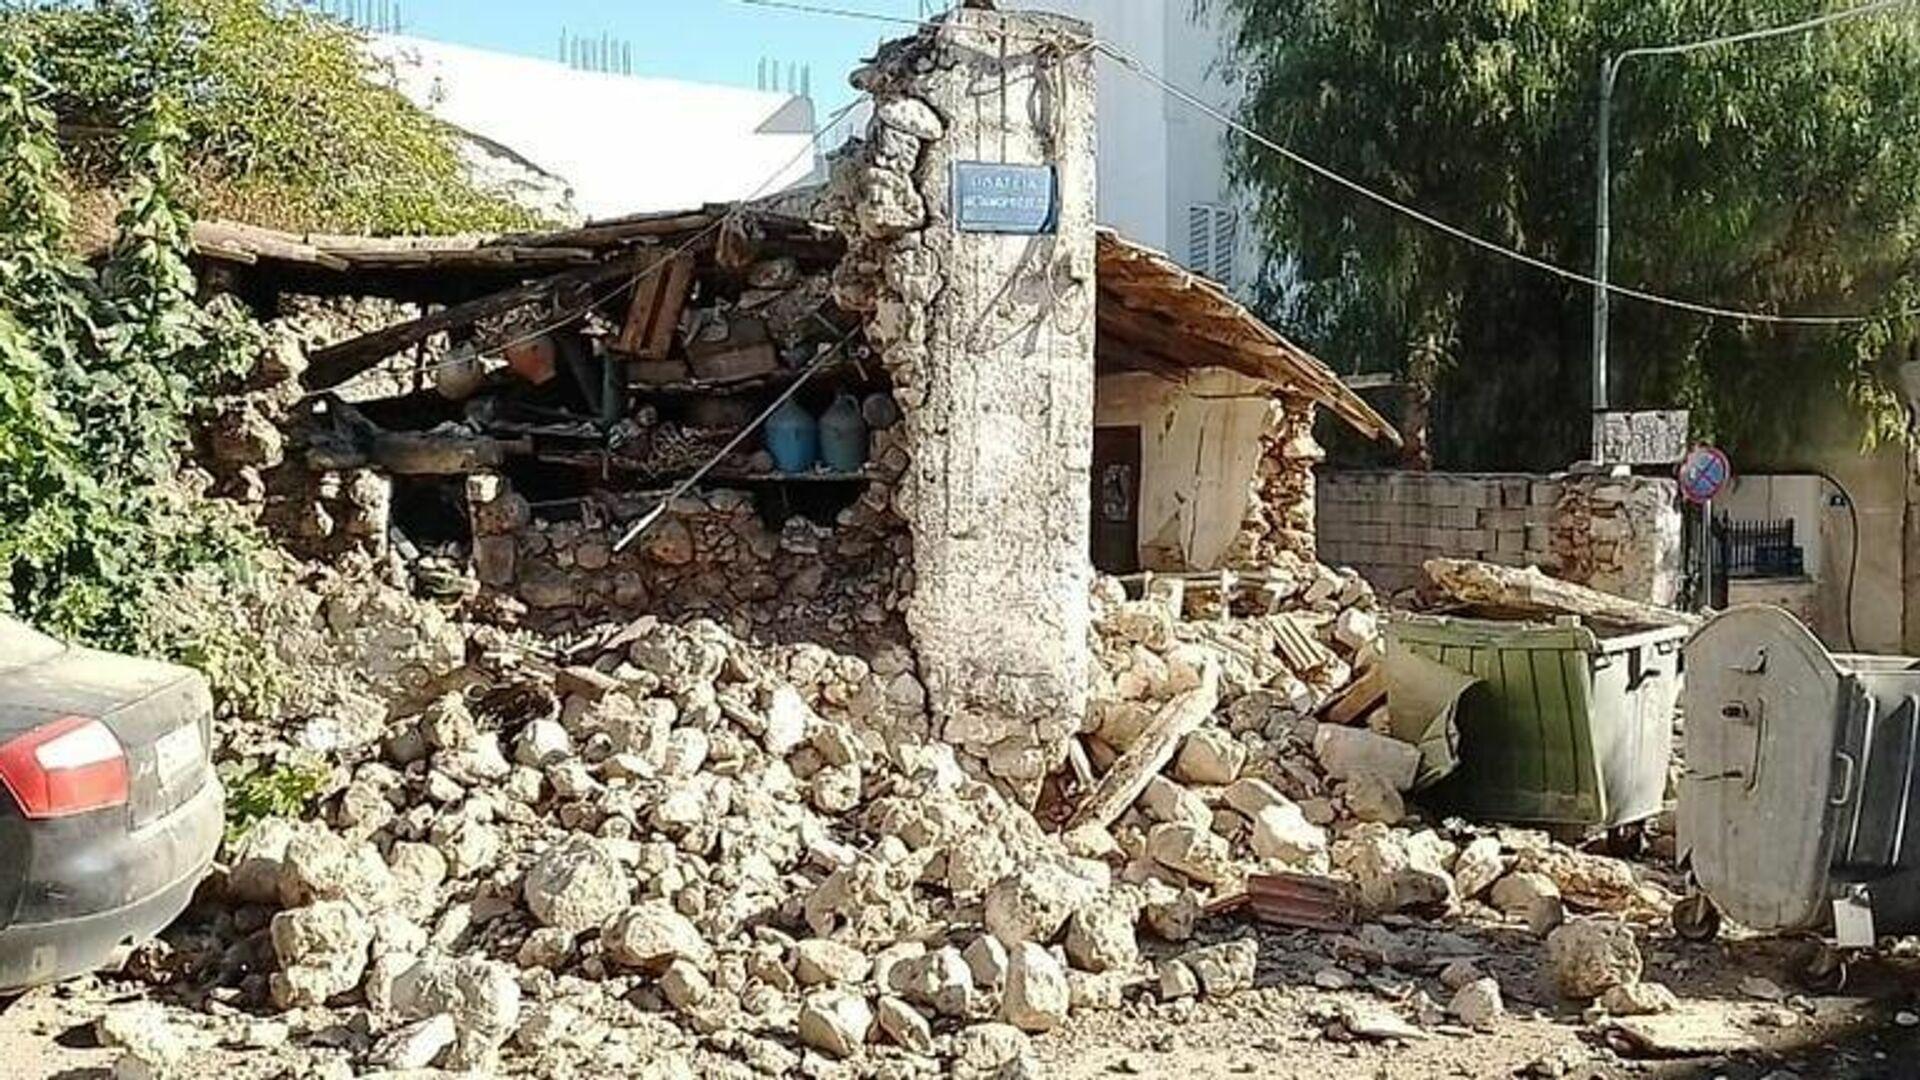 Ζημιές στο Αρκαλοχώρι από τον σεισμό στην Κρήτη - Sputnik Ελλάδα, 1920, 27.09.2021